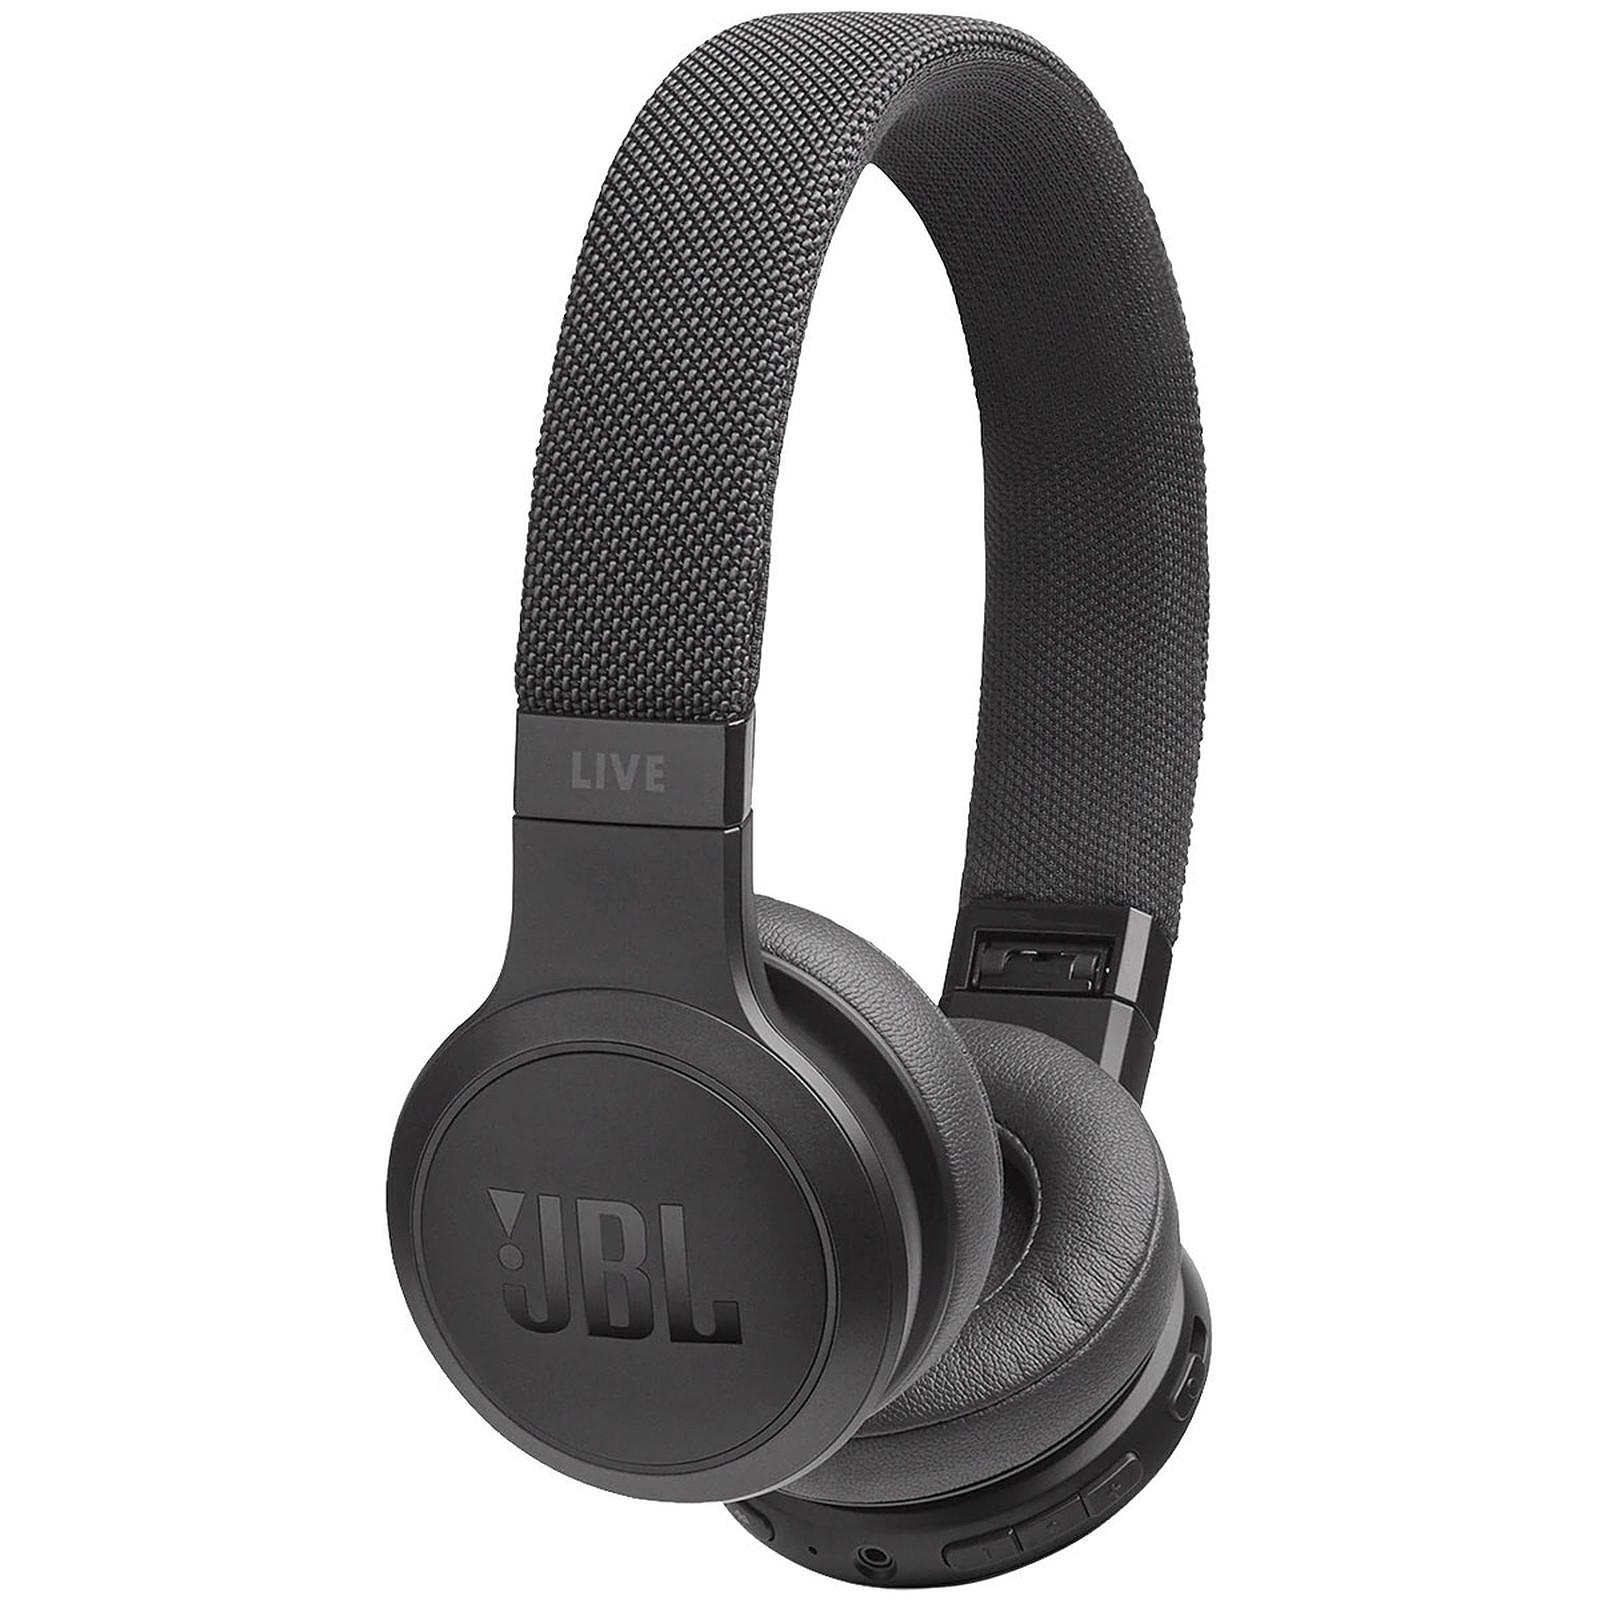 Casque audio Bluetooth JBL LIVE 400BT - Noir ou Blanc (Reconditionné - Garantie de 2 ans)